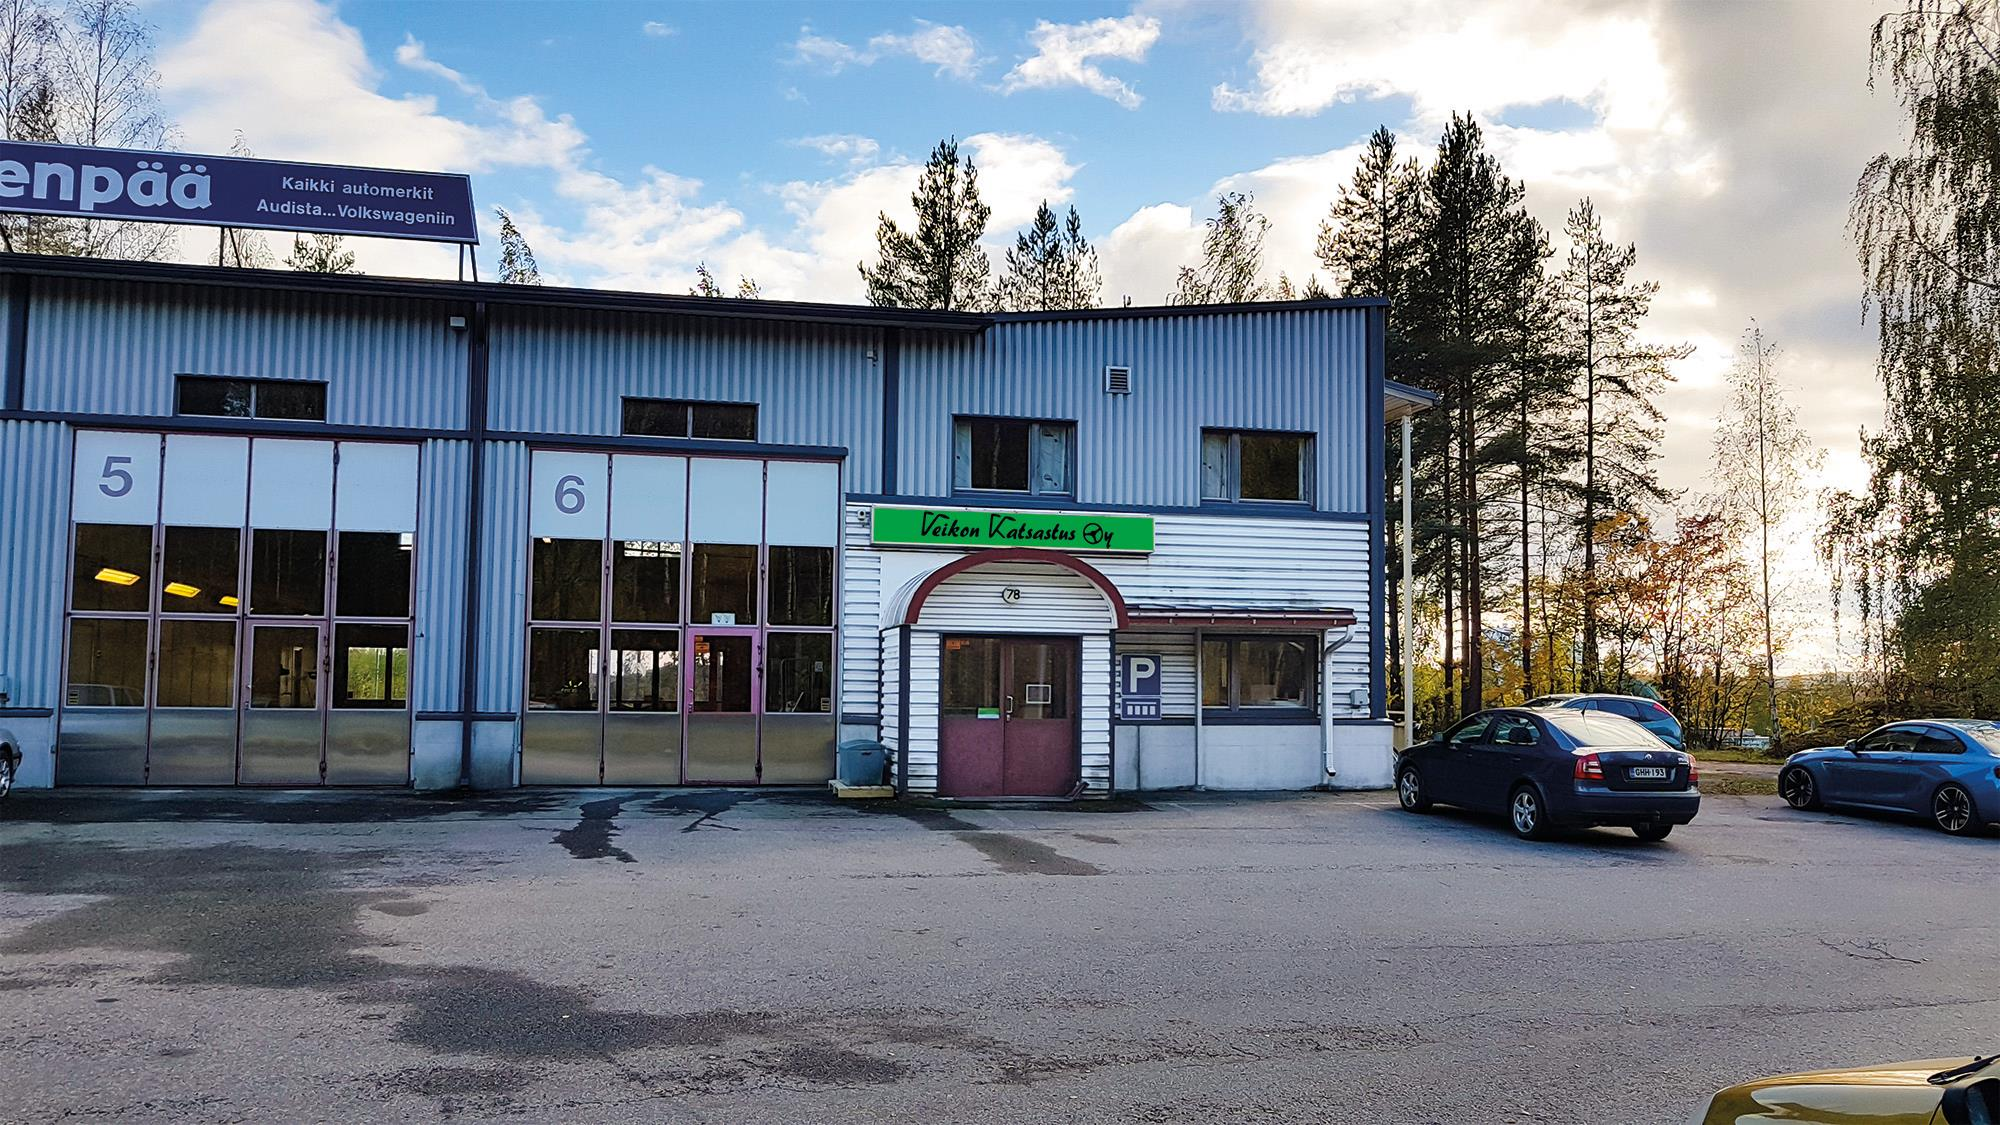 Veikon Katsastus Oy Jyväskylä – Vaajakoskentie